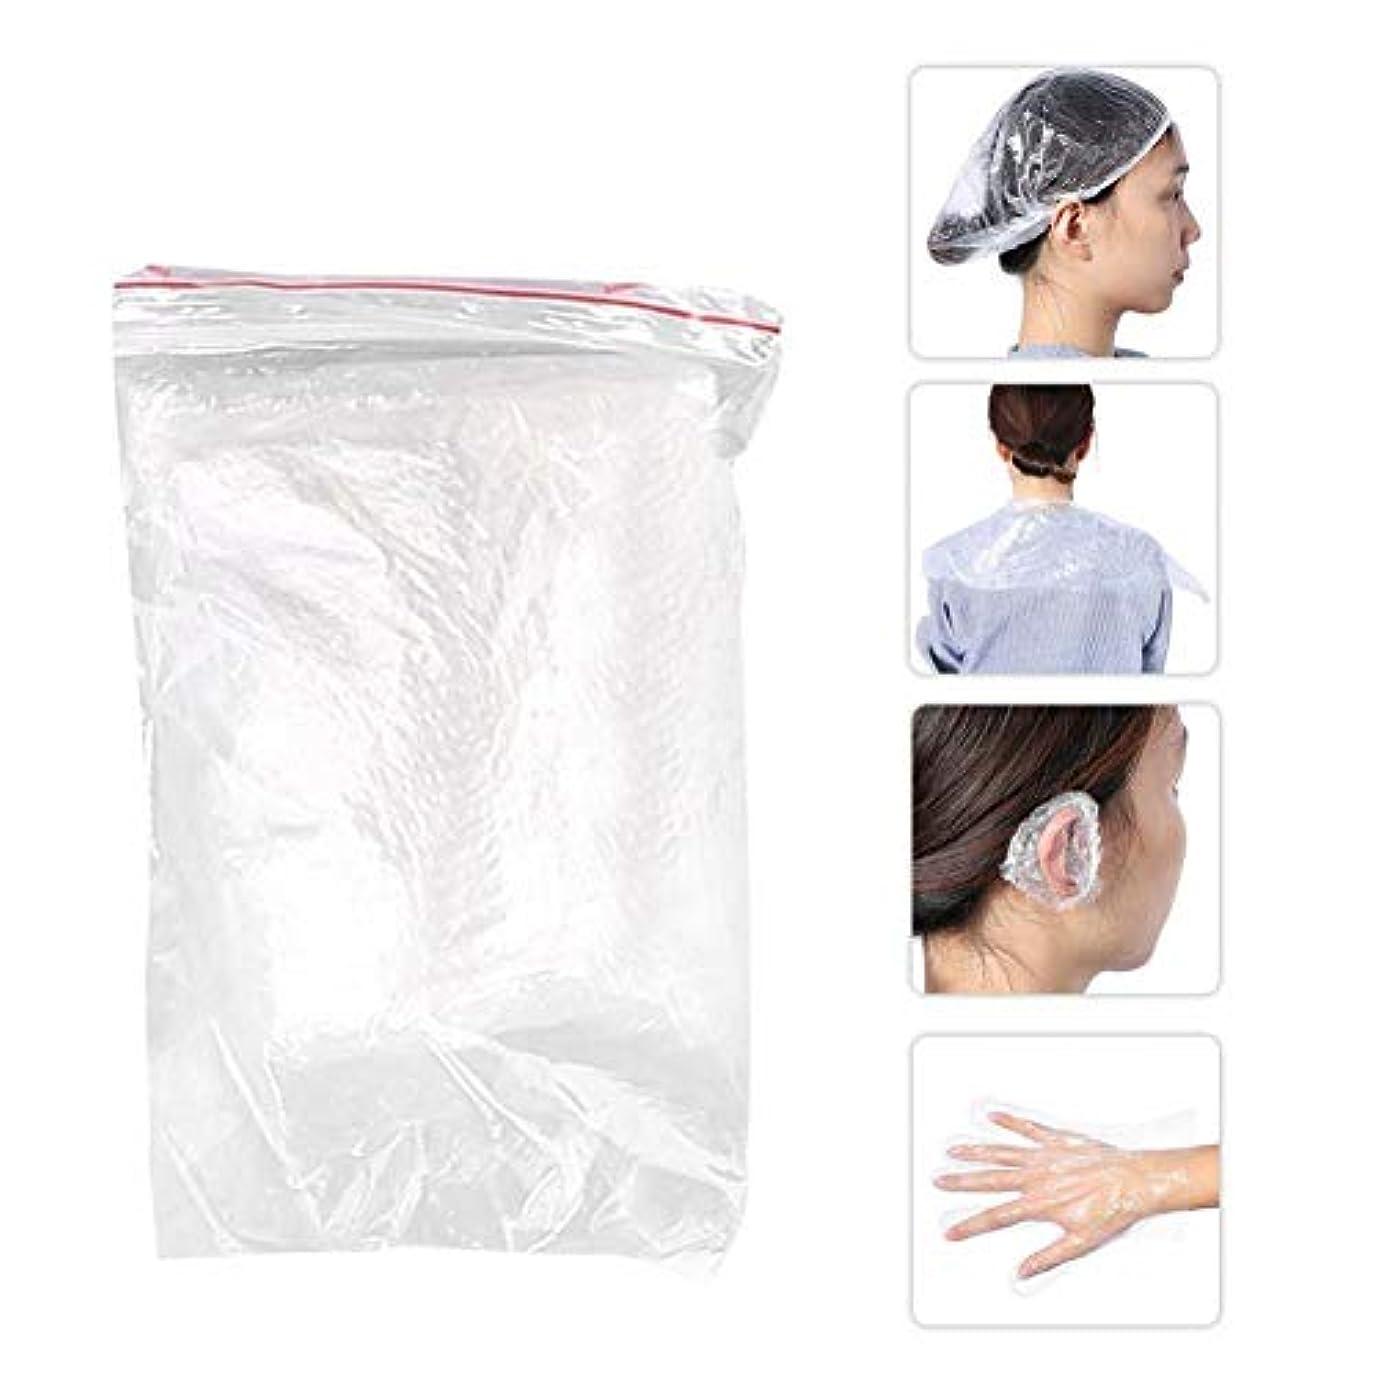 合図店員エレクトロニック美容用品毛染めツール ショールイヤーマフ手袋シャワーキャップ10セット使い捨てサロン シャワーキャップ耳カバー手袋